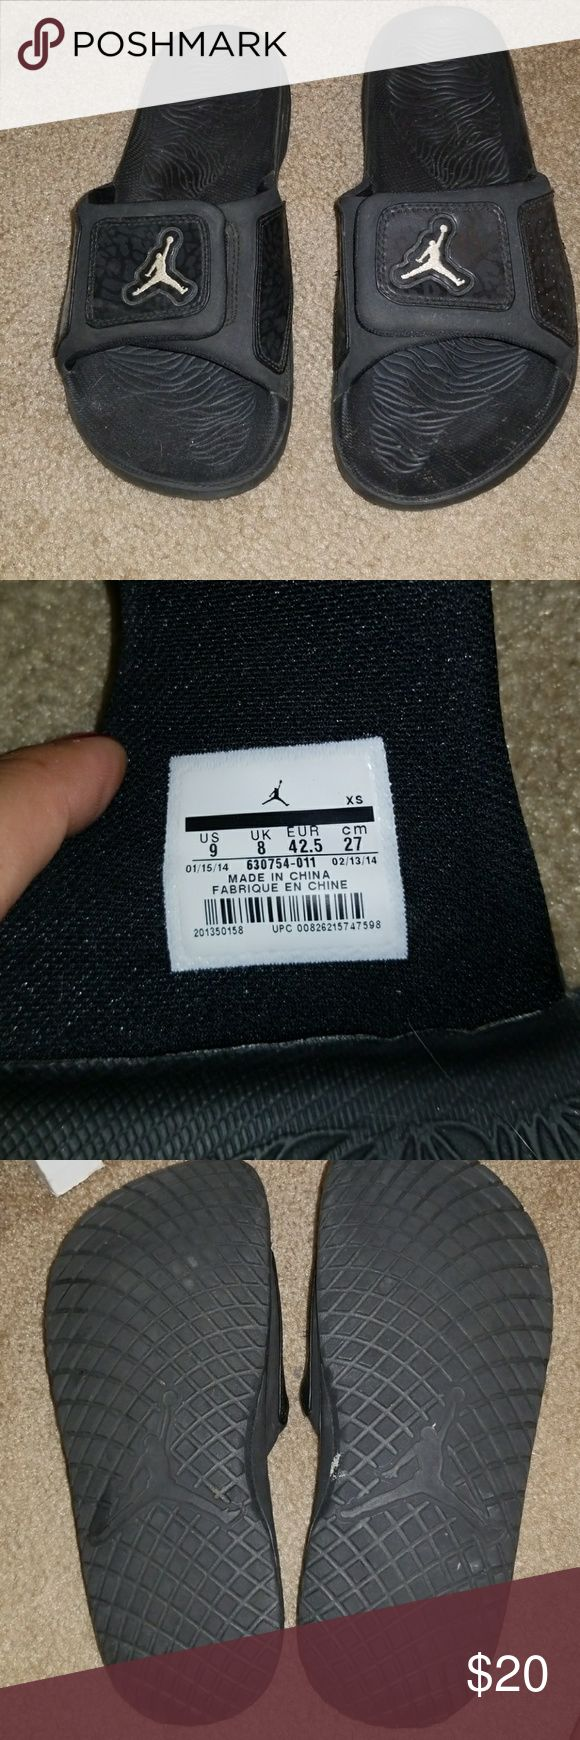 Men's Jordan flip flops Men's Jordan flip flops size 9 Jordan Shoes Sandals & Flip-Flops